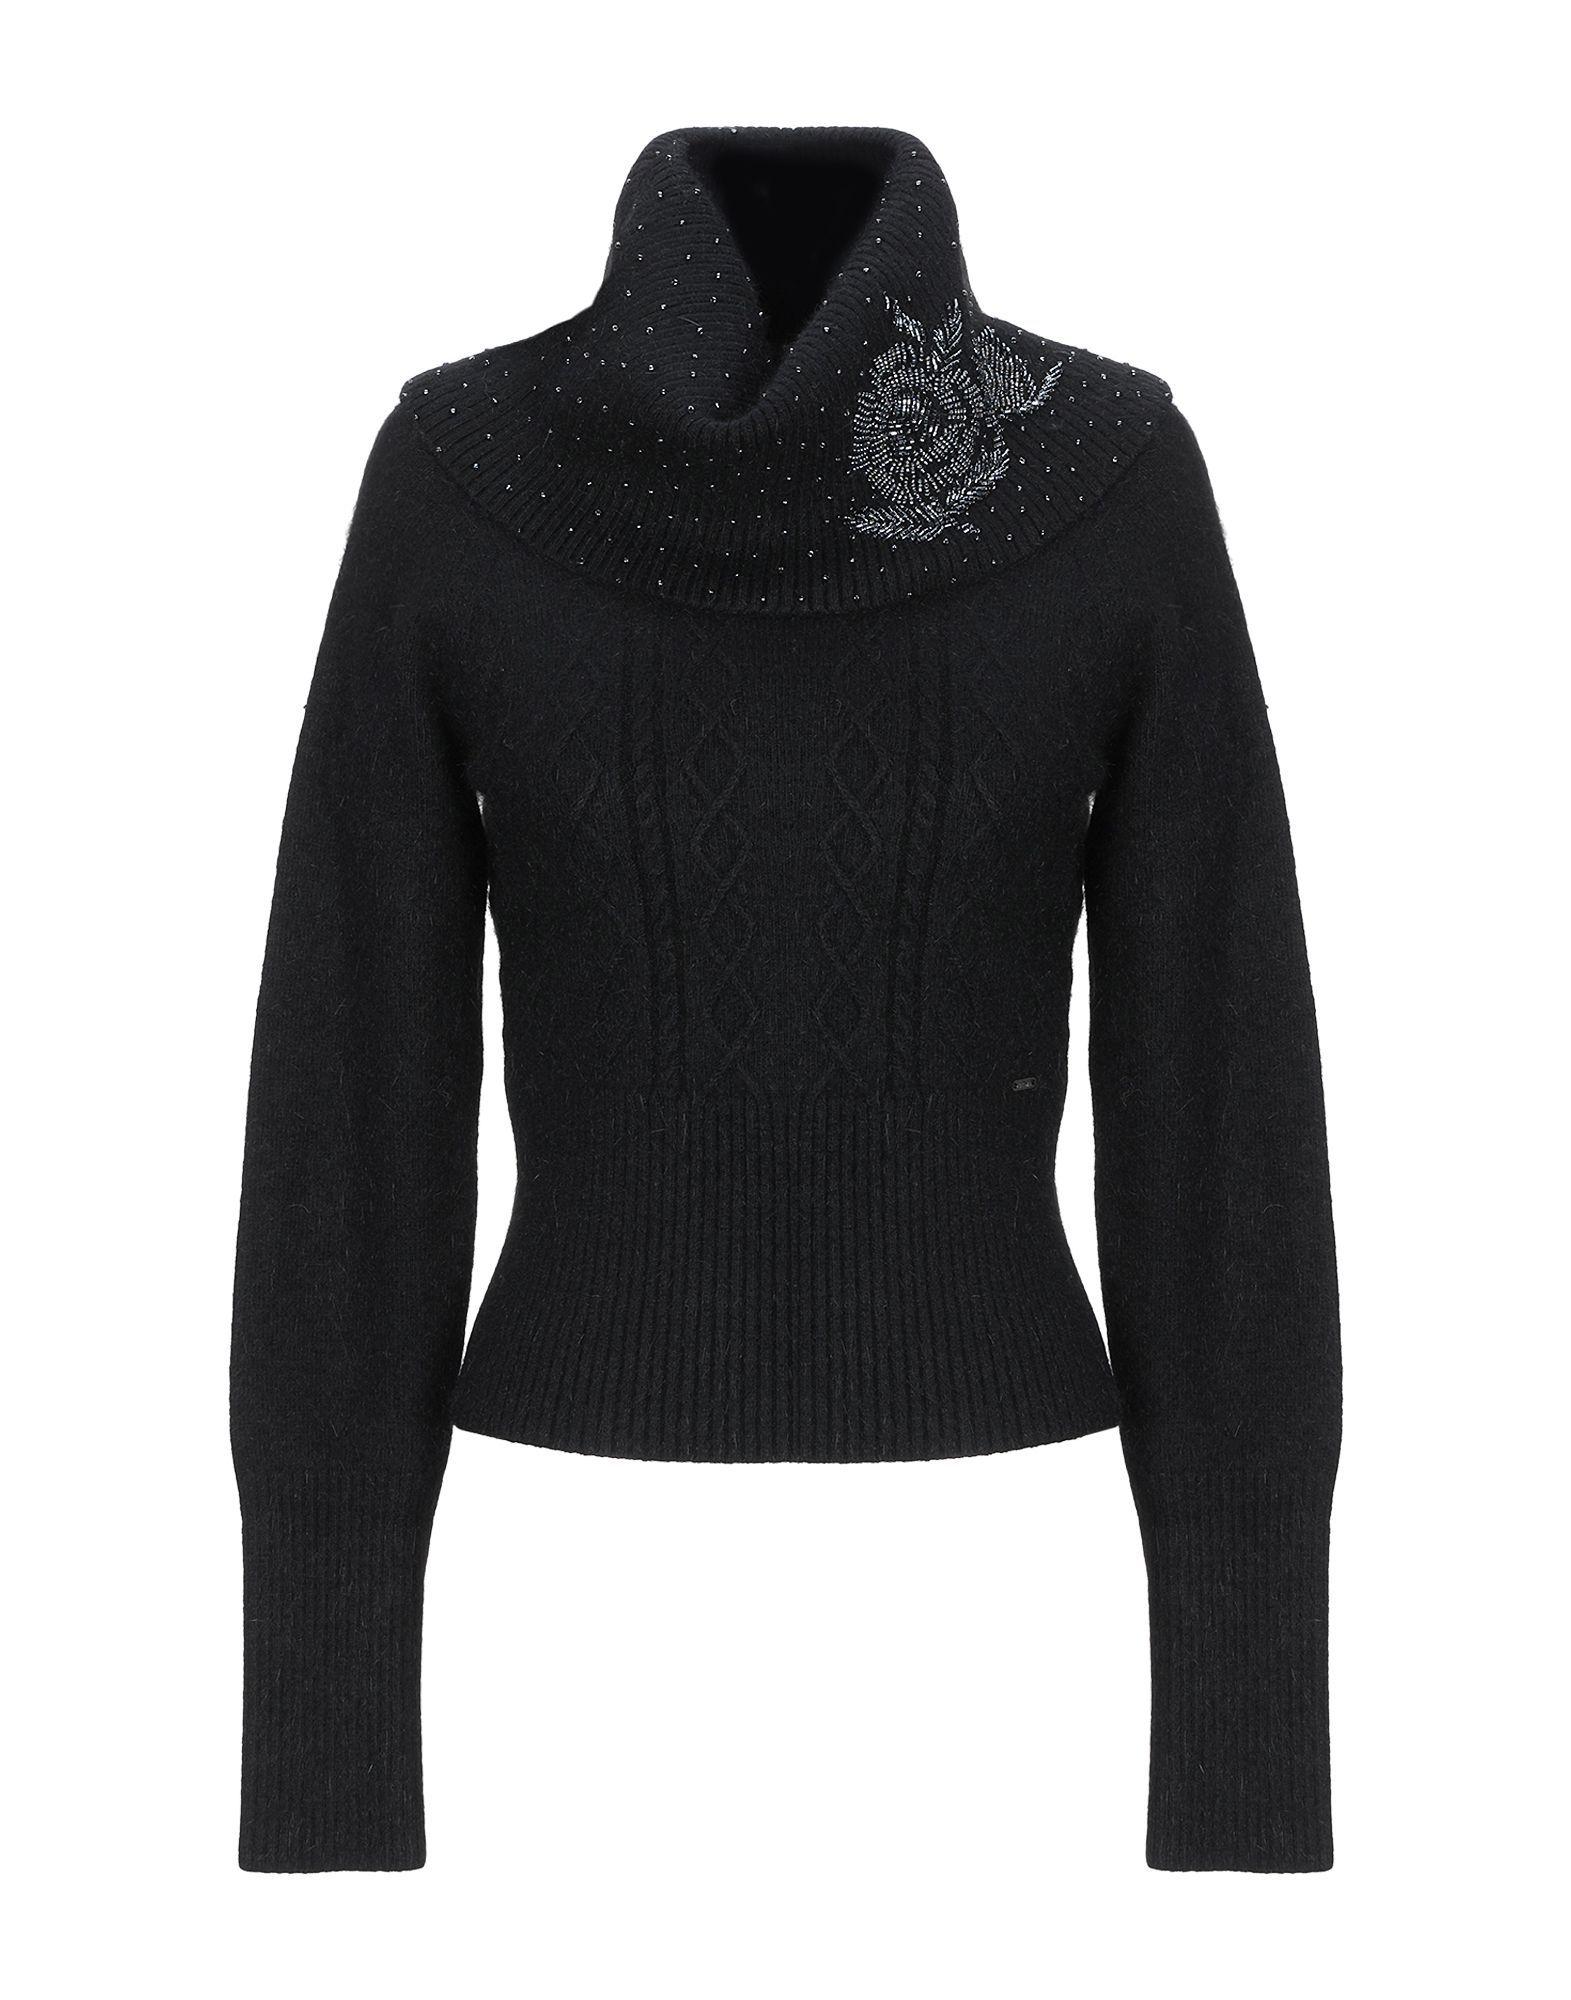 Fracomina Black Knit Embellished Jumper